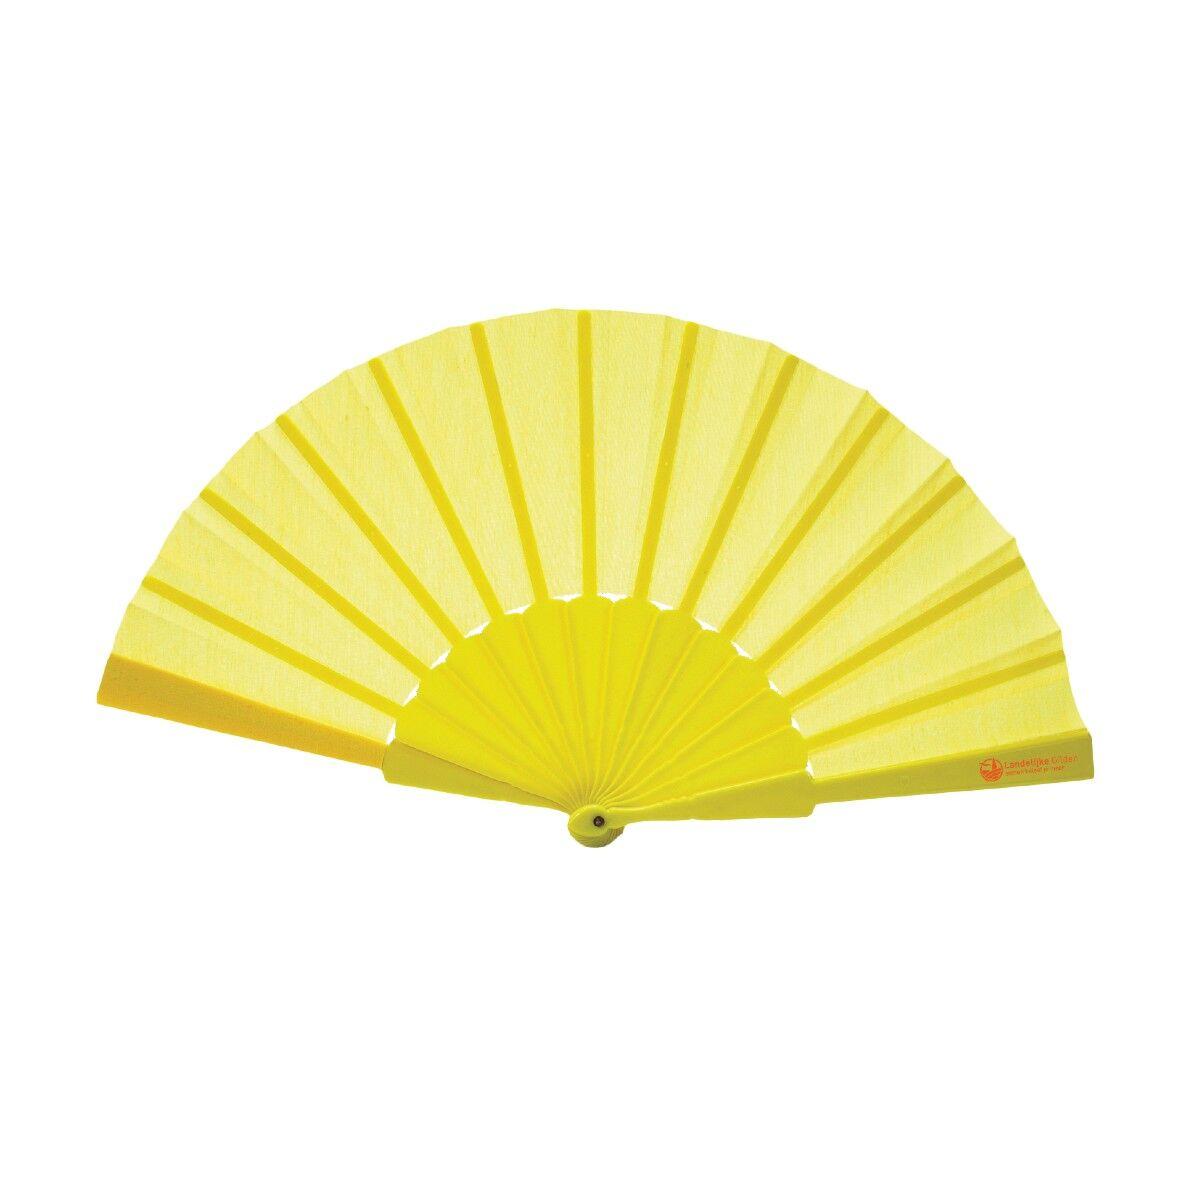 Yellow Hand Fan